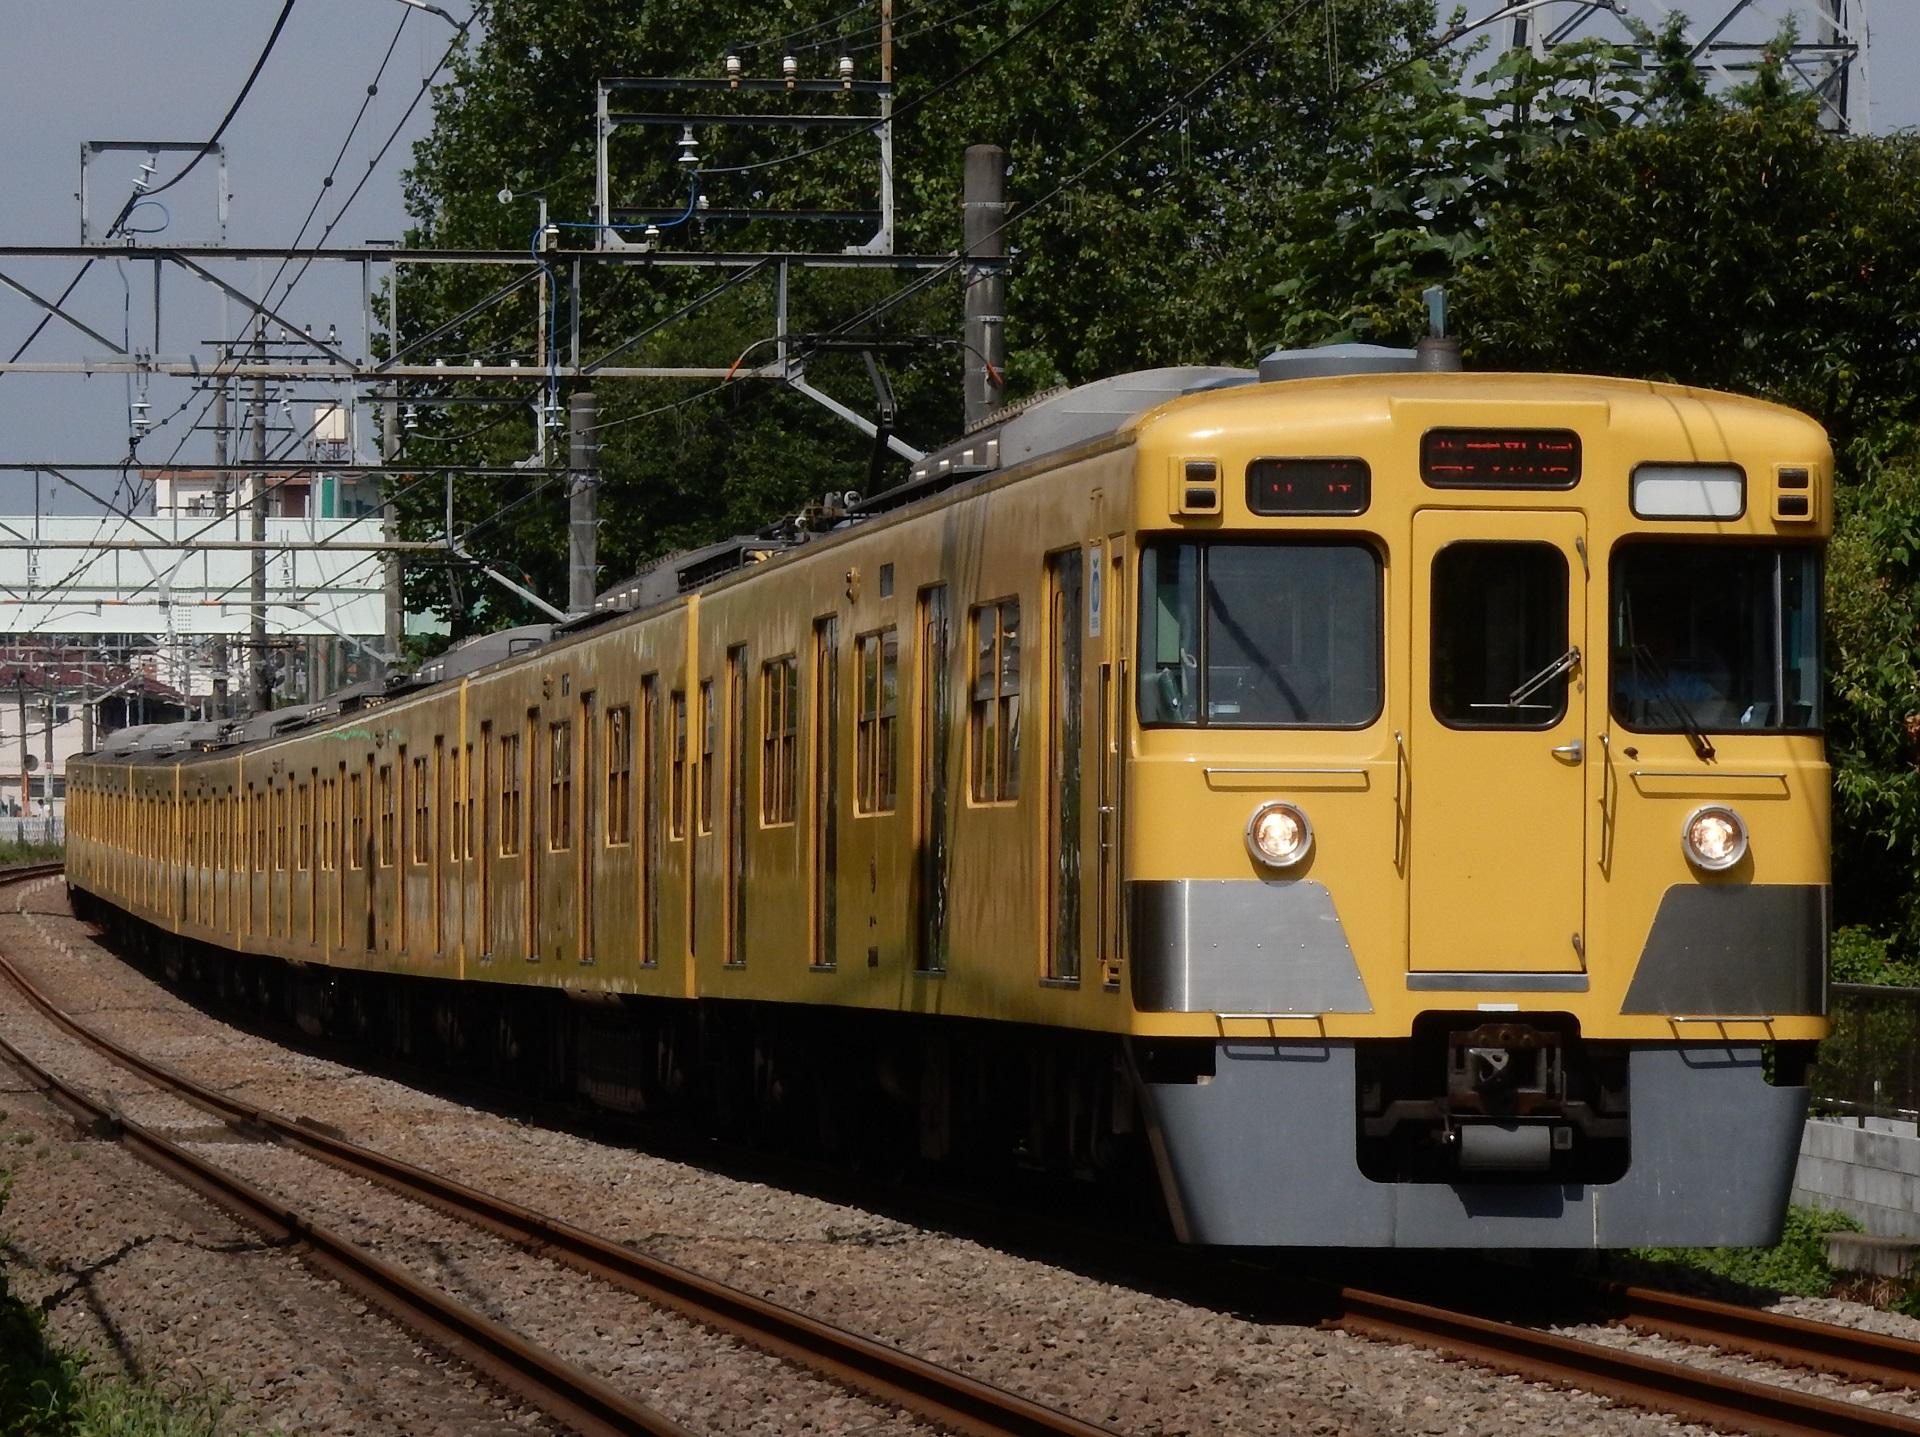 DSCN4993 - コピー